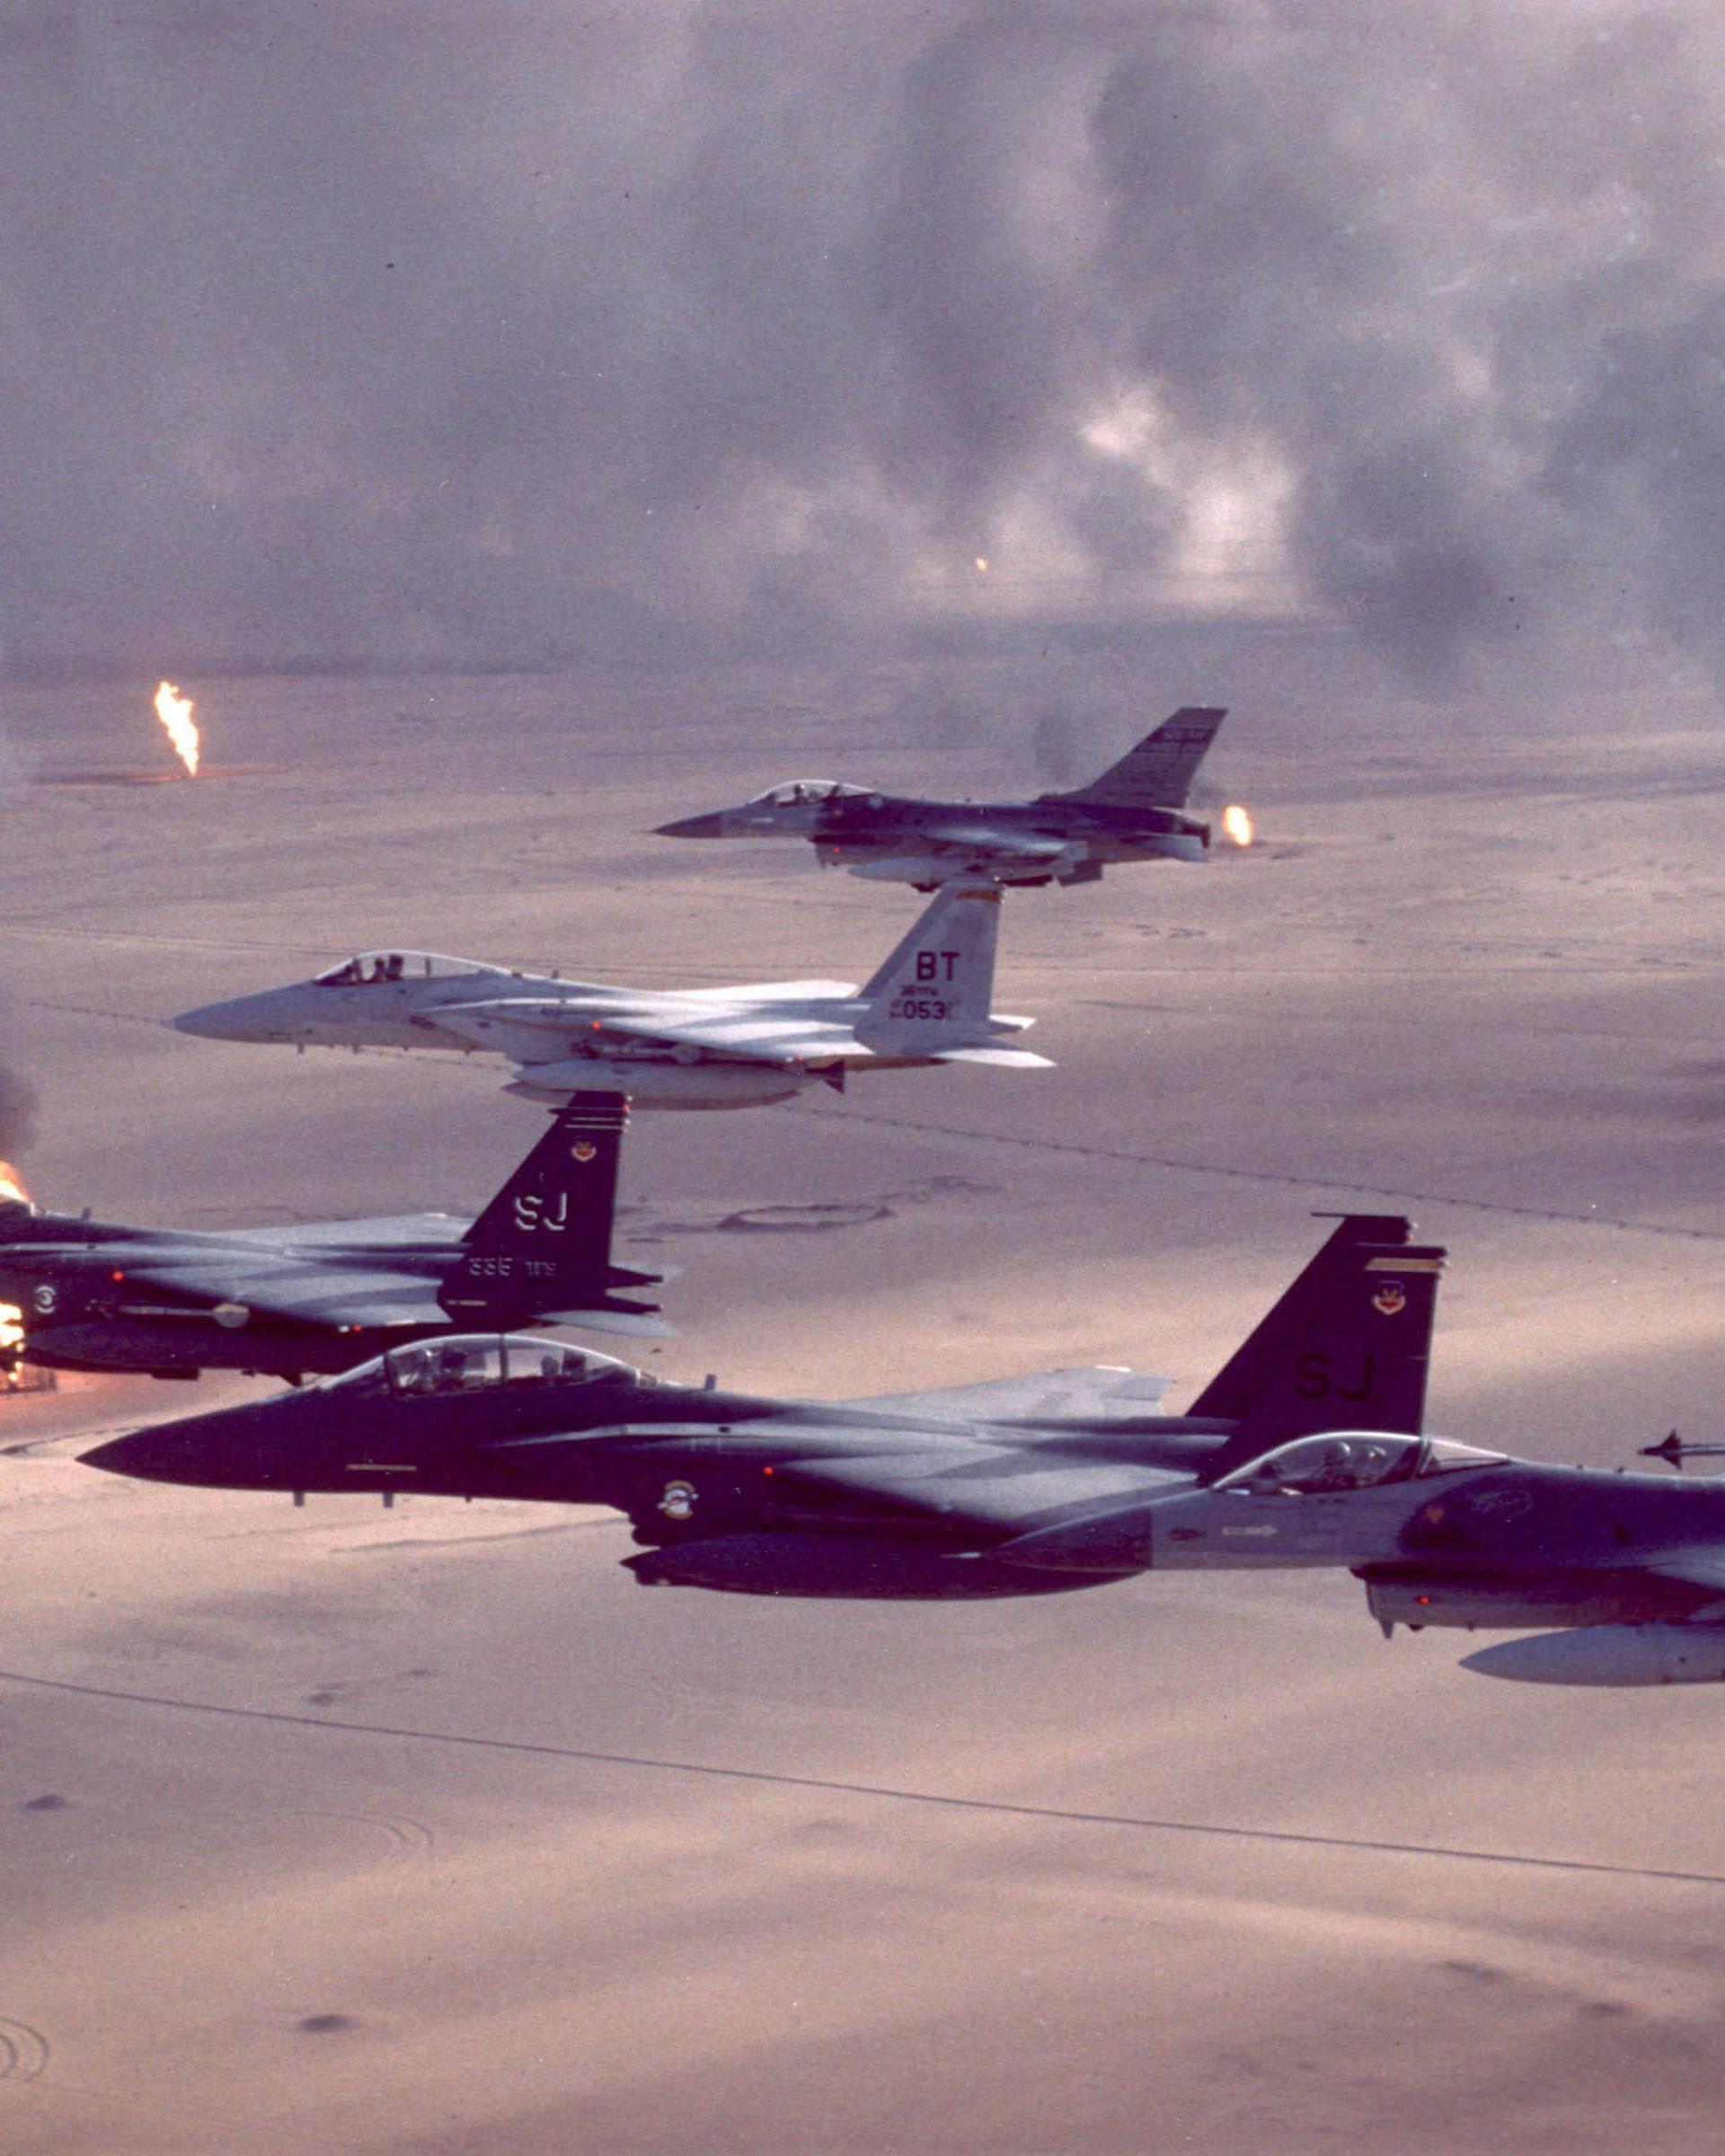 Kakav bi bio rat između Irana i Amerike - Totalno uništenje!